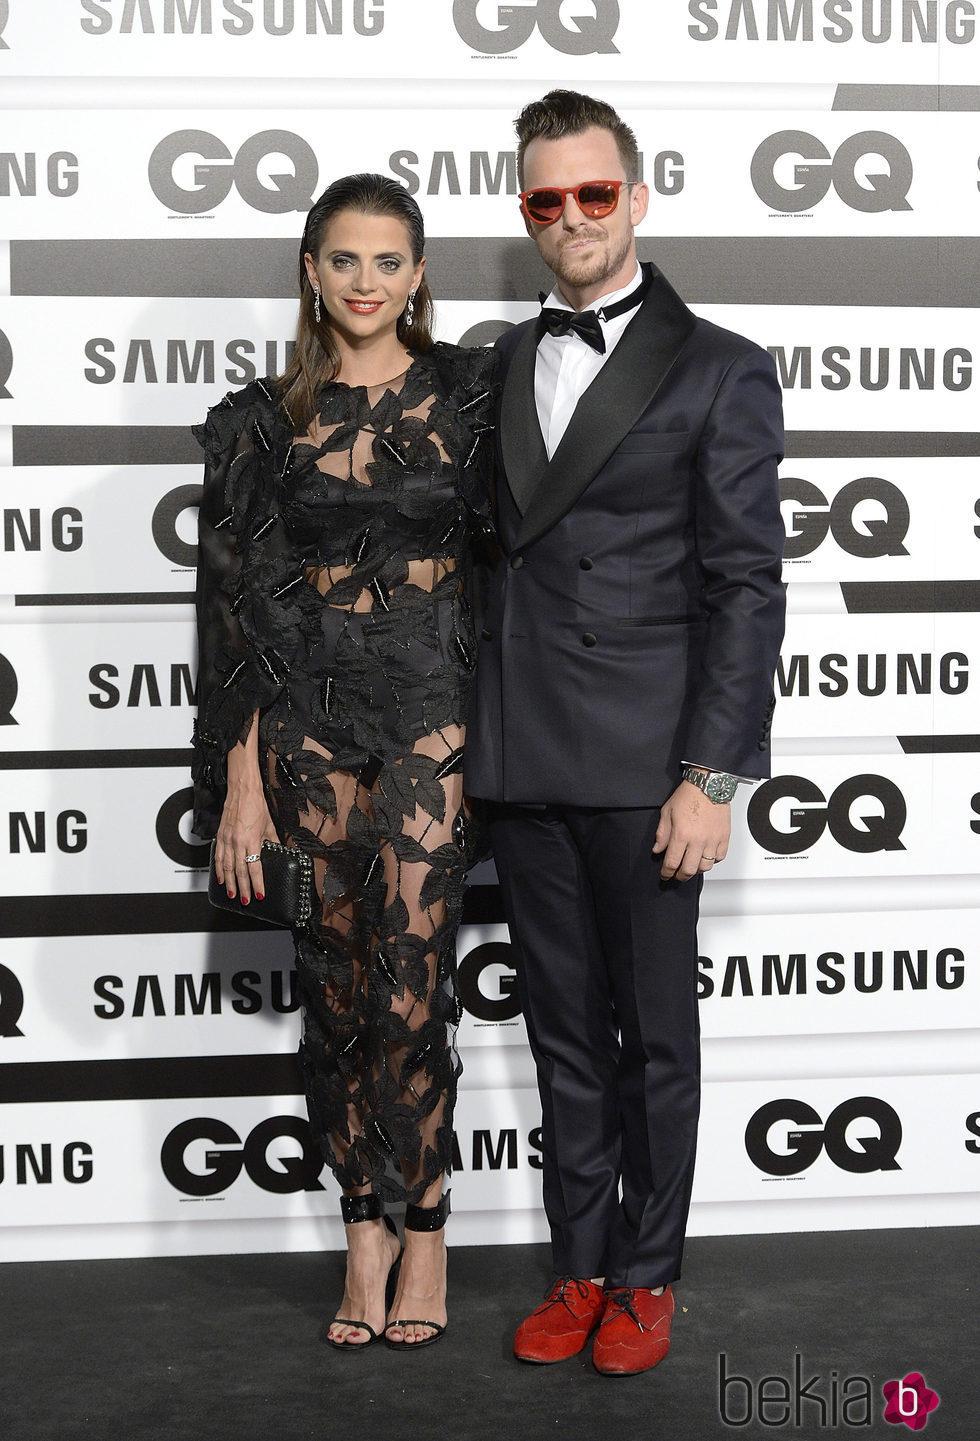 Macarena Gómez y Aldo Comas en los Premios GQ Hombres del Año 2015